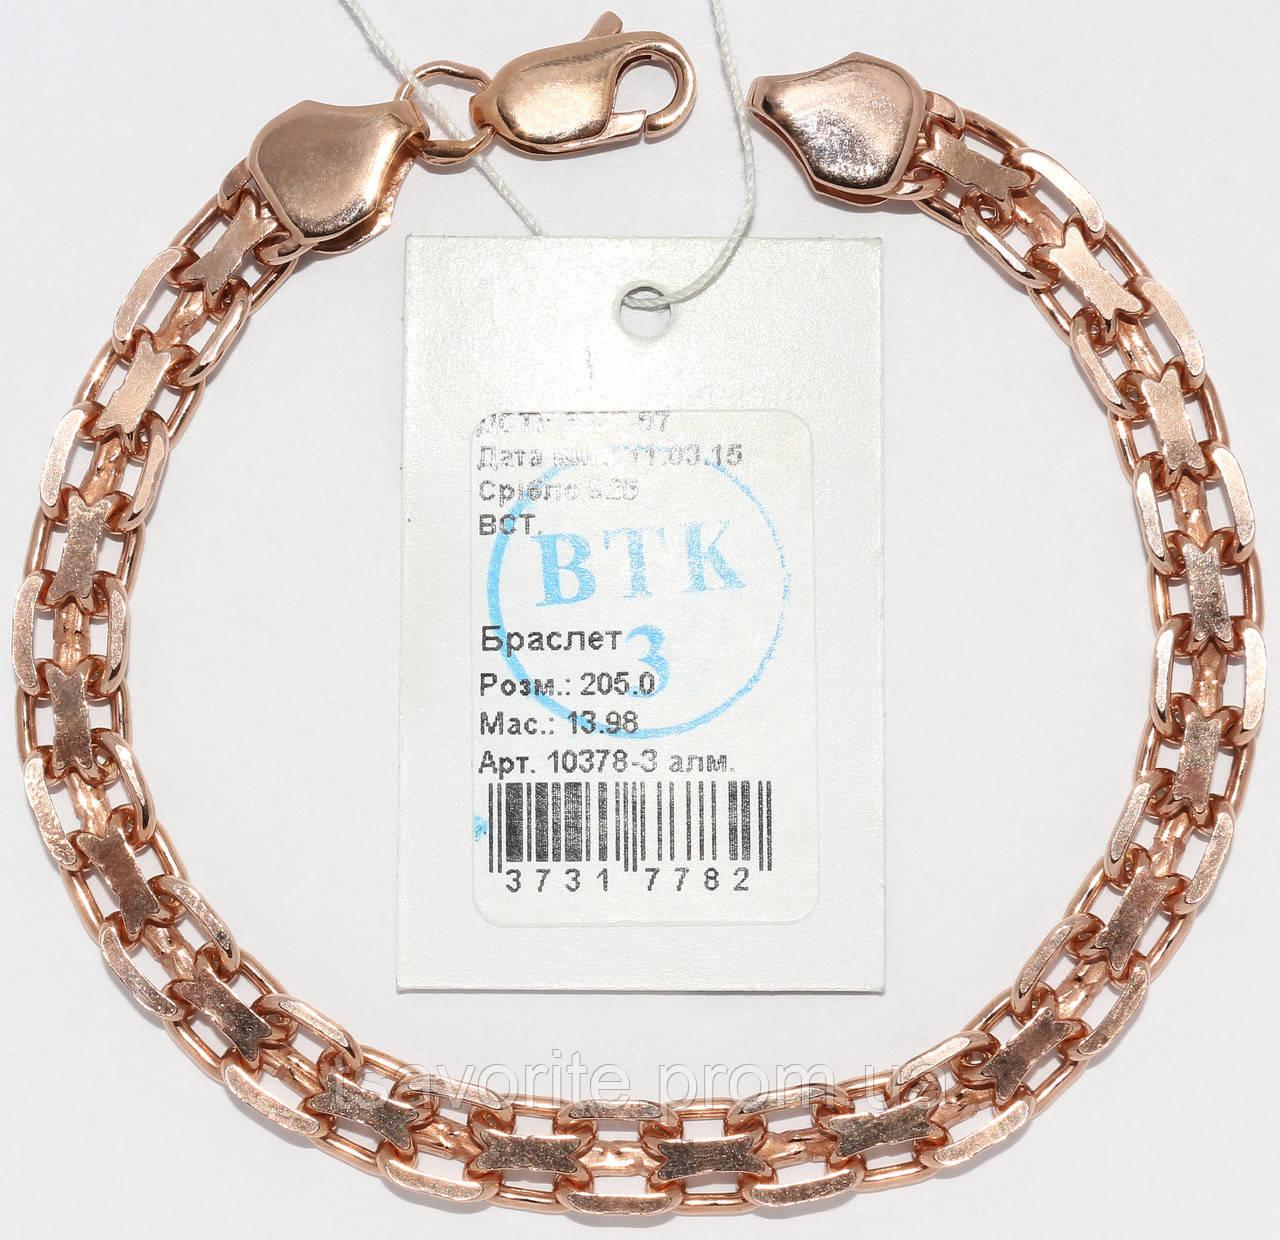 Серебряный браслет с позолотой 10378-Залм